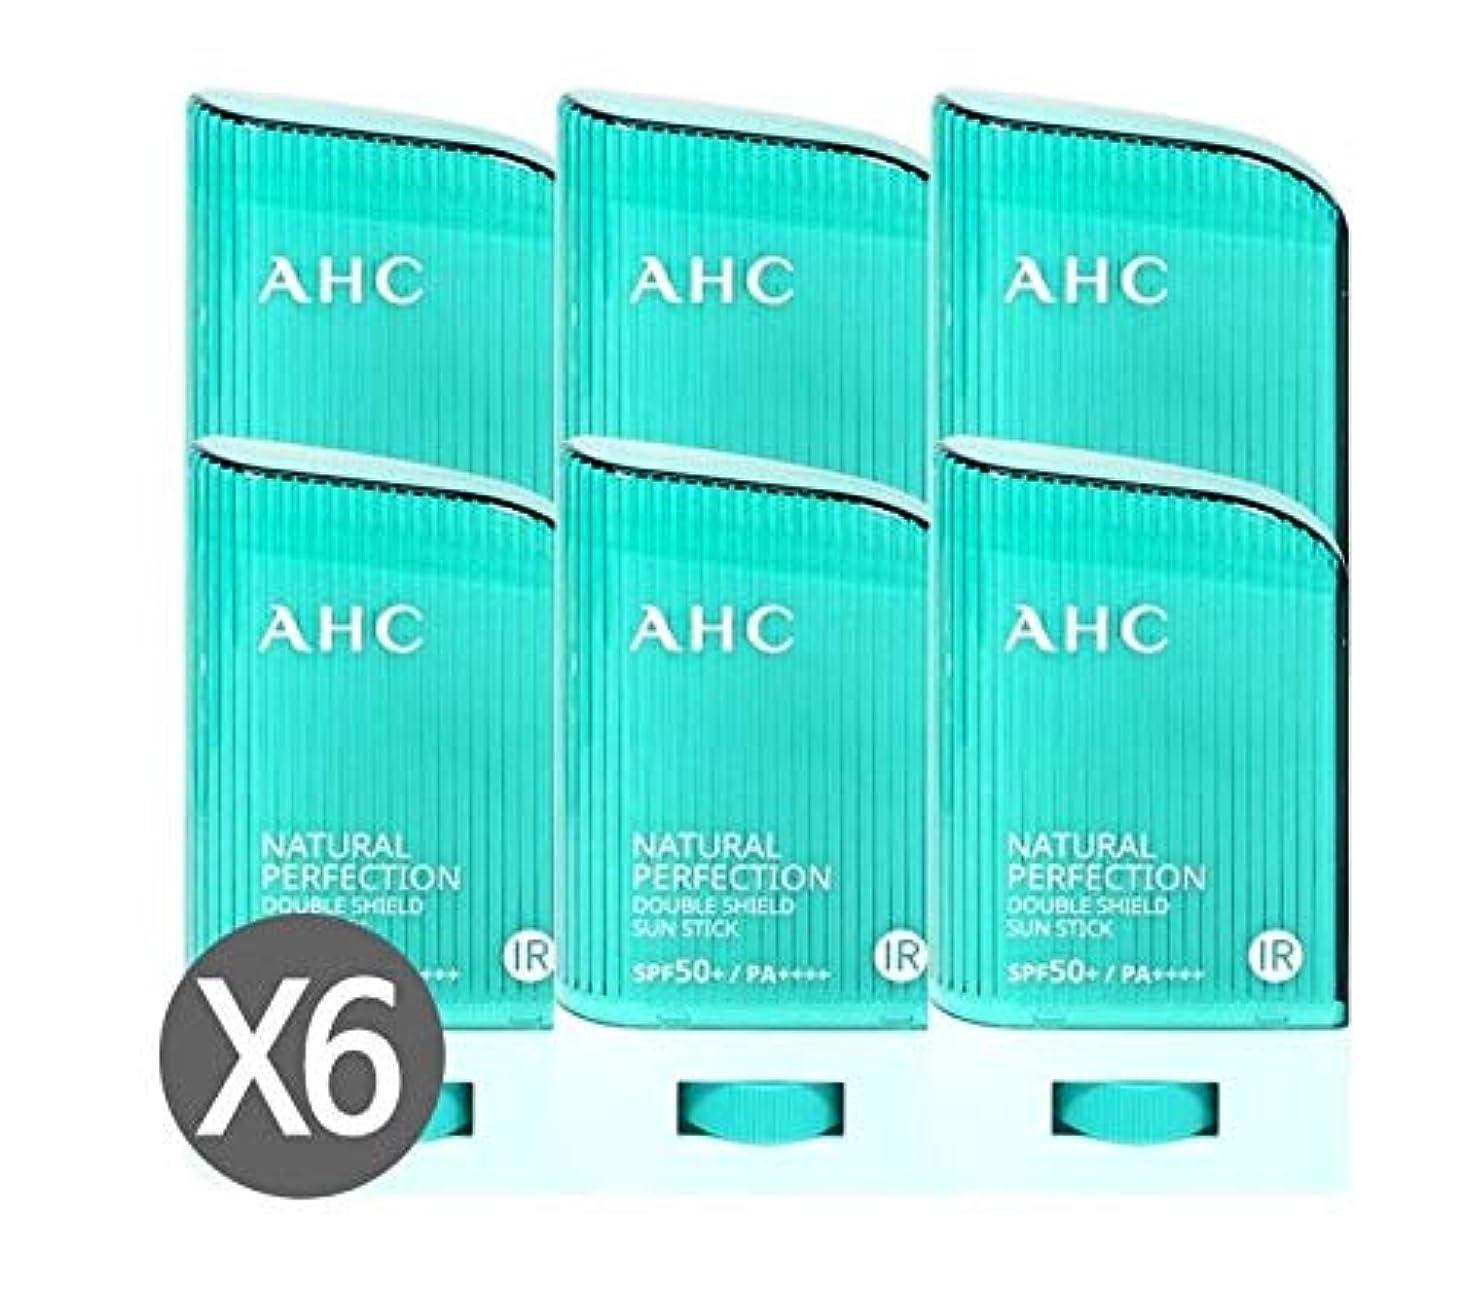 インサート心臓キリスト[ 6個セット ] AHC ナチュラルパーフェクションダブルシールドサンスティック 22g, Natural Perfection Double Shield Sun Stick SPF50+ PA++++